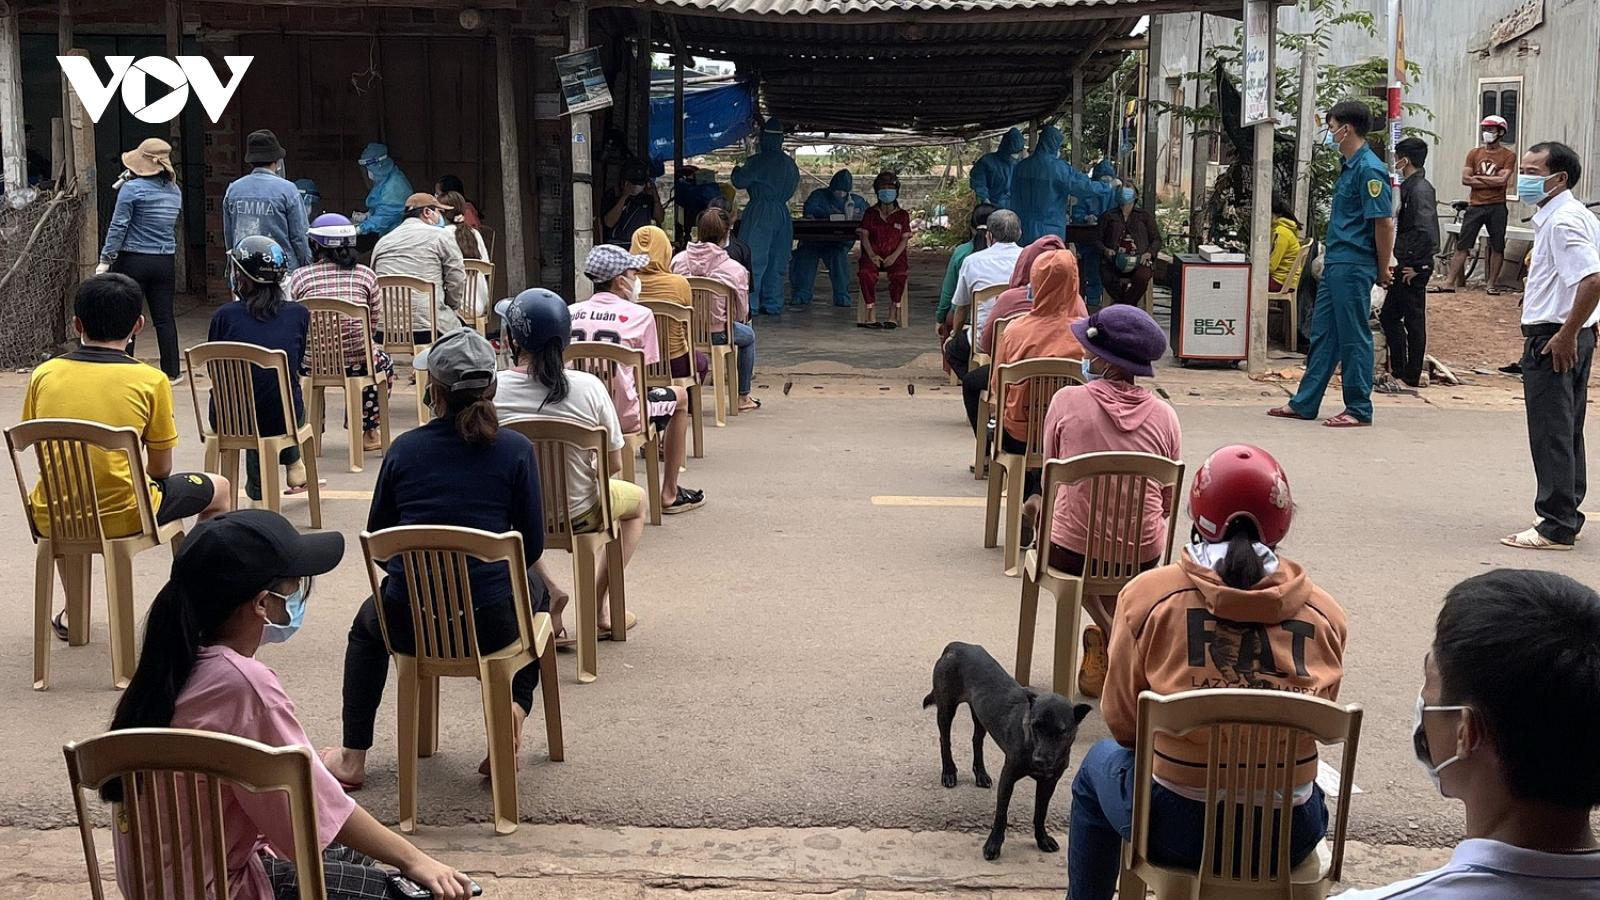 Khởi tố vụ án hình sự về hành vi làm lây lan dịch bệnh ở Bình Định